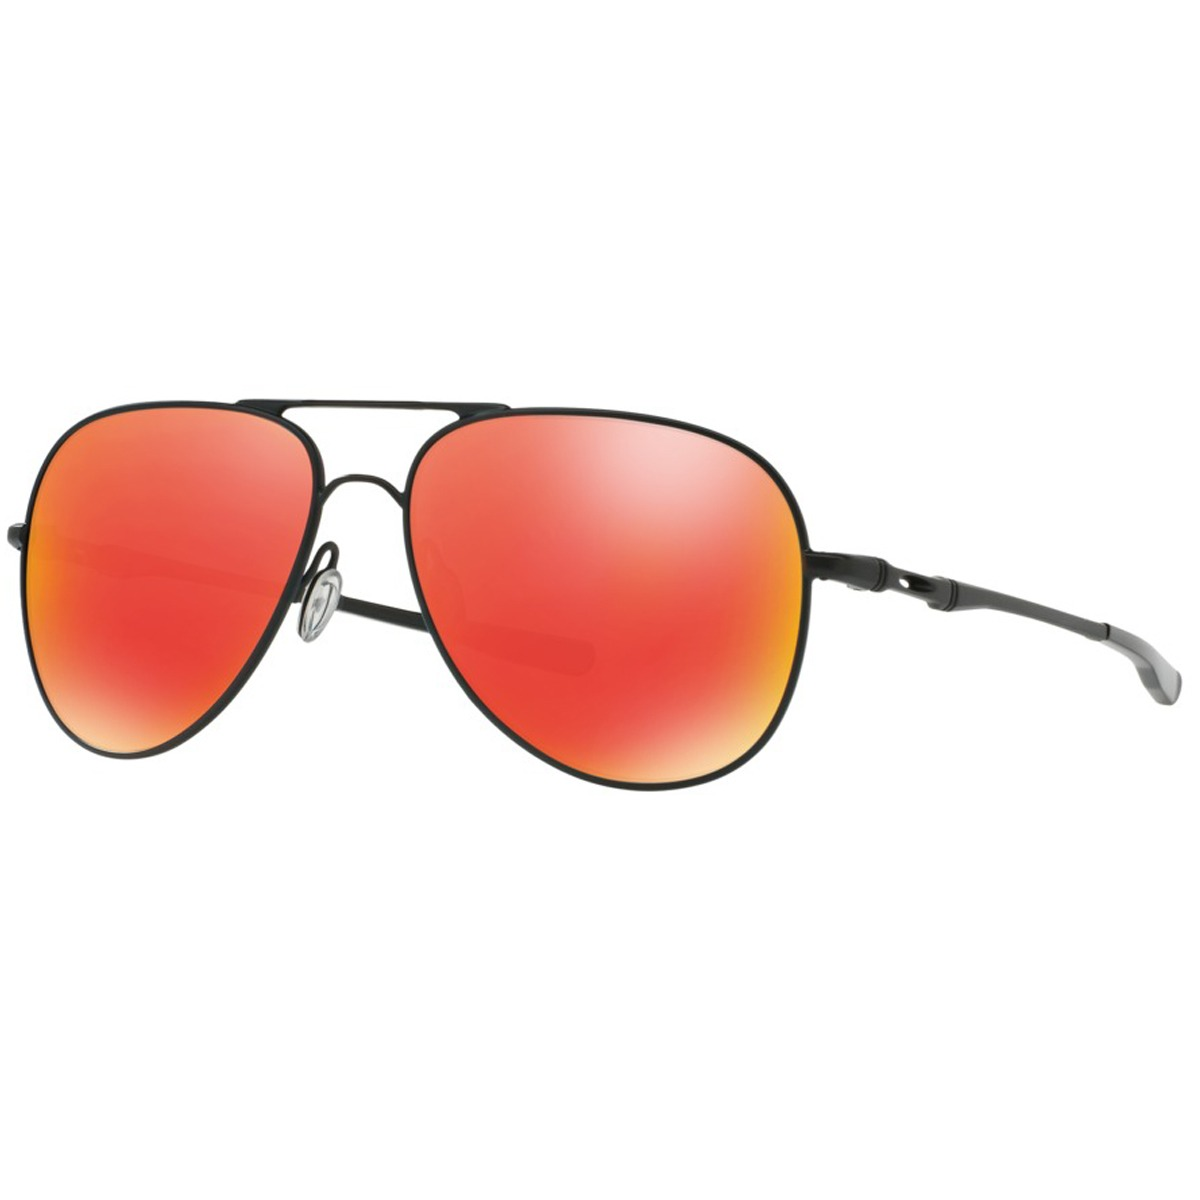 Óculos Oakley Elmont L - R  479,90 em Mercado Livre bc720da0a7